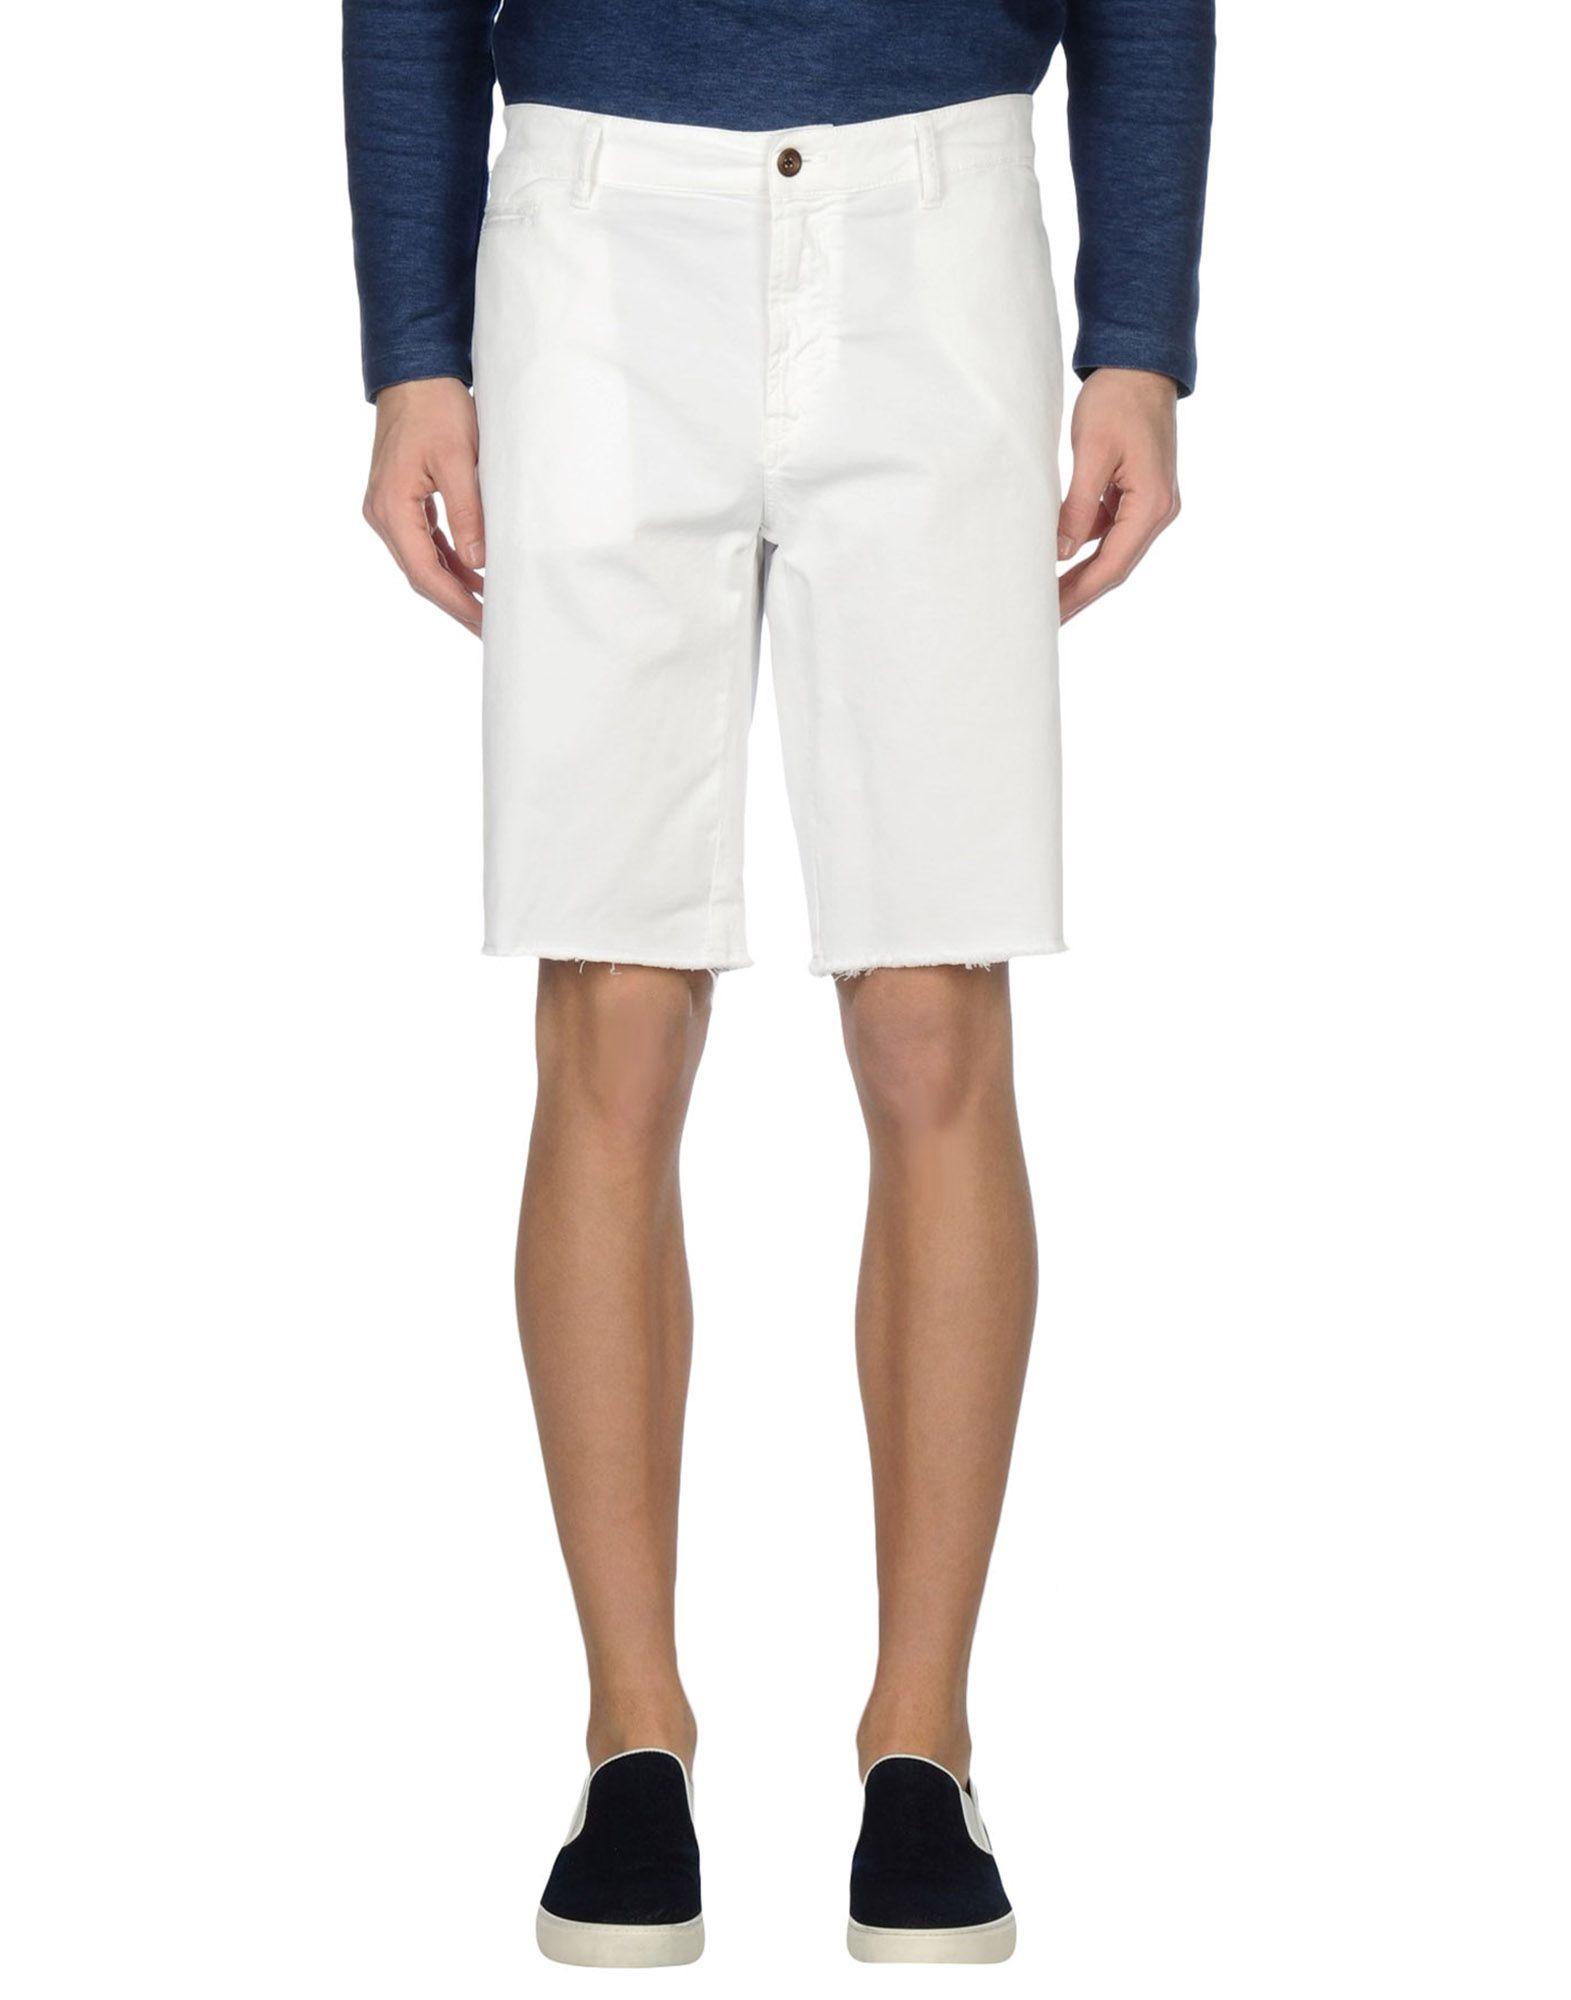 FRED PERRY Herren Bermudashorts Farbe Weiß Größe 12